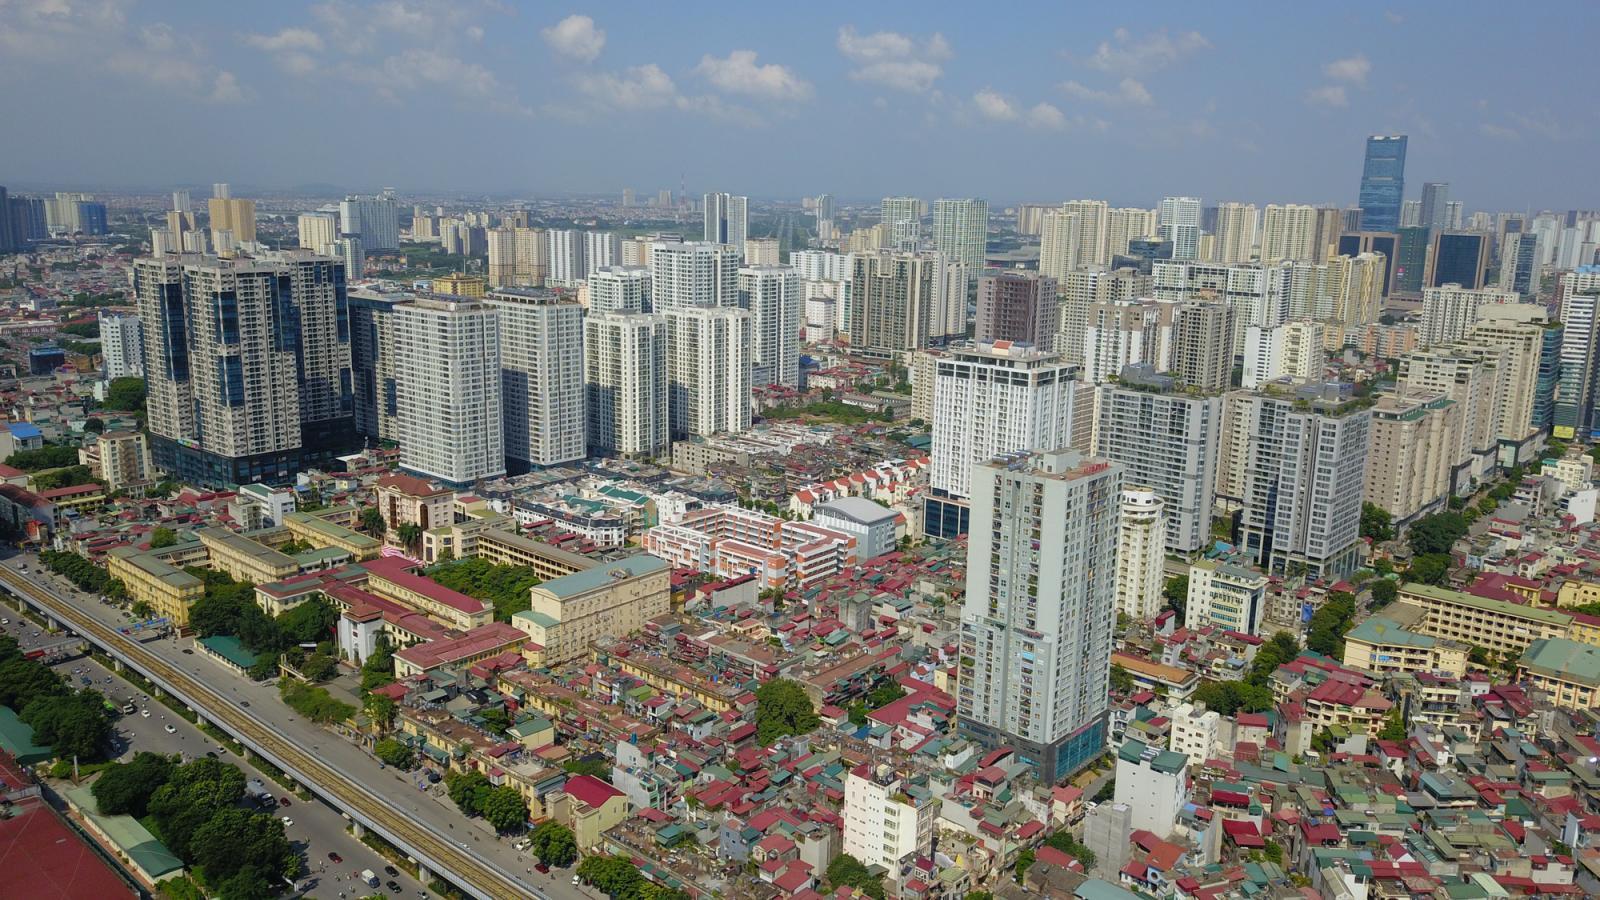 nhiều nhà nằm san sát trong thành phố